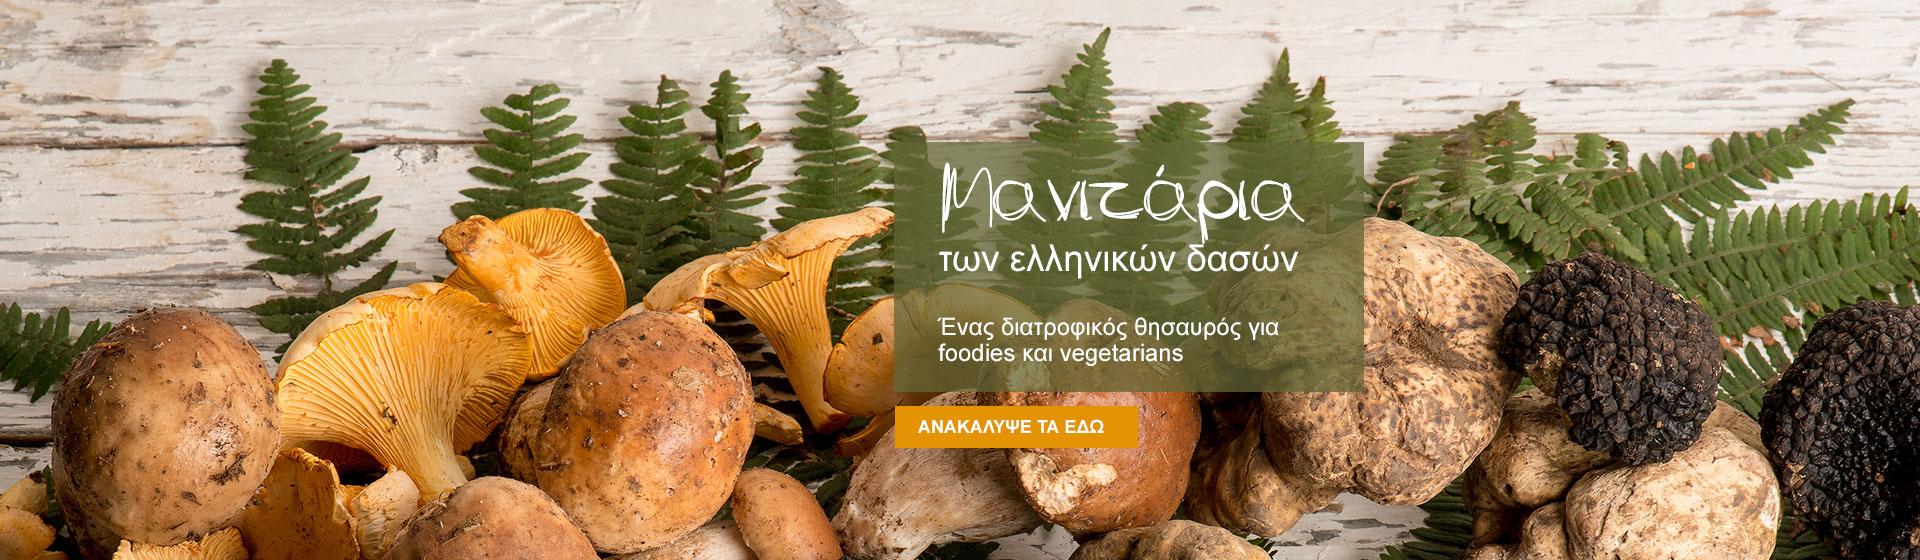 Μανιτάρια των ελληνικών δασών